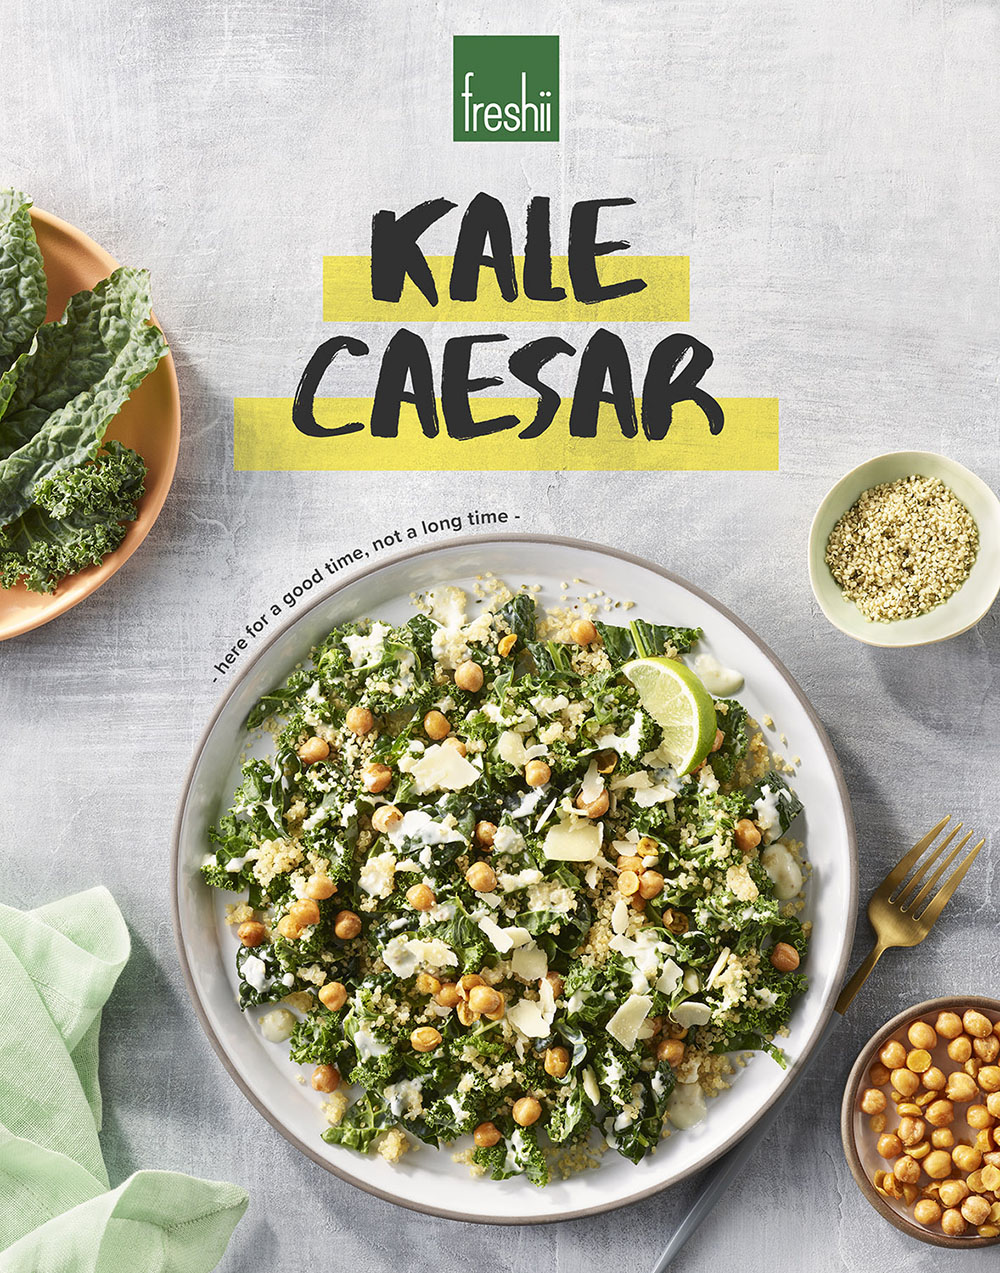 Kale_Caesar_Salad_v_RS_43726.jpg